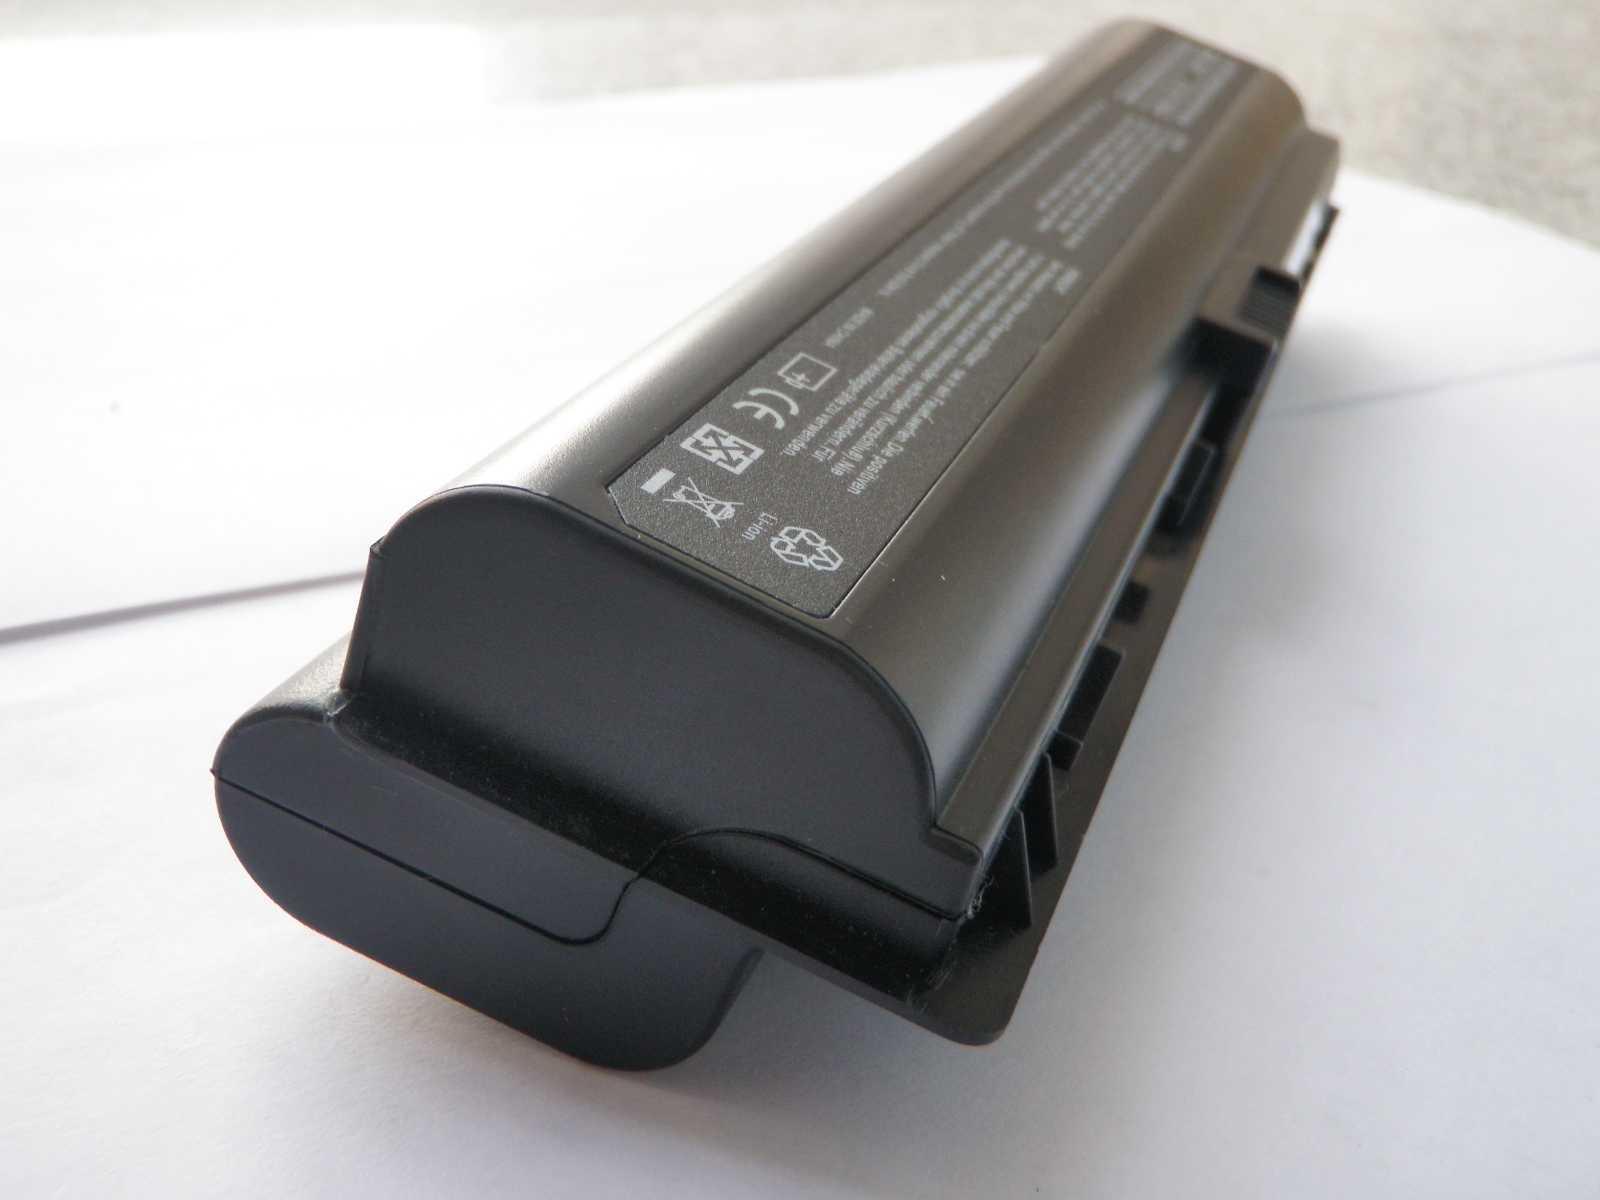 441425-001 HSTNN-LB42 Laptop Battery for HP Pavilion DV3000 DV2000 DV6000